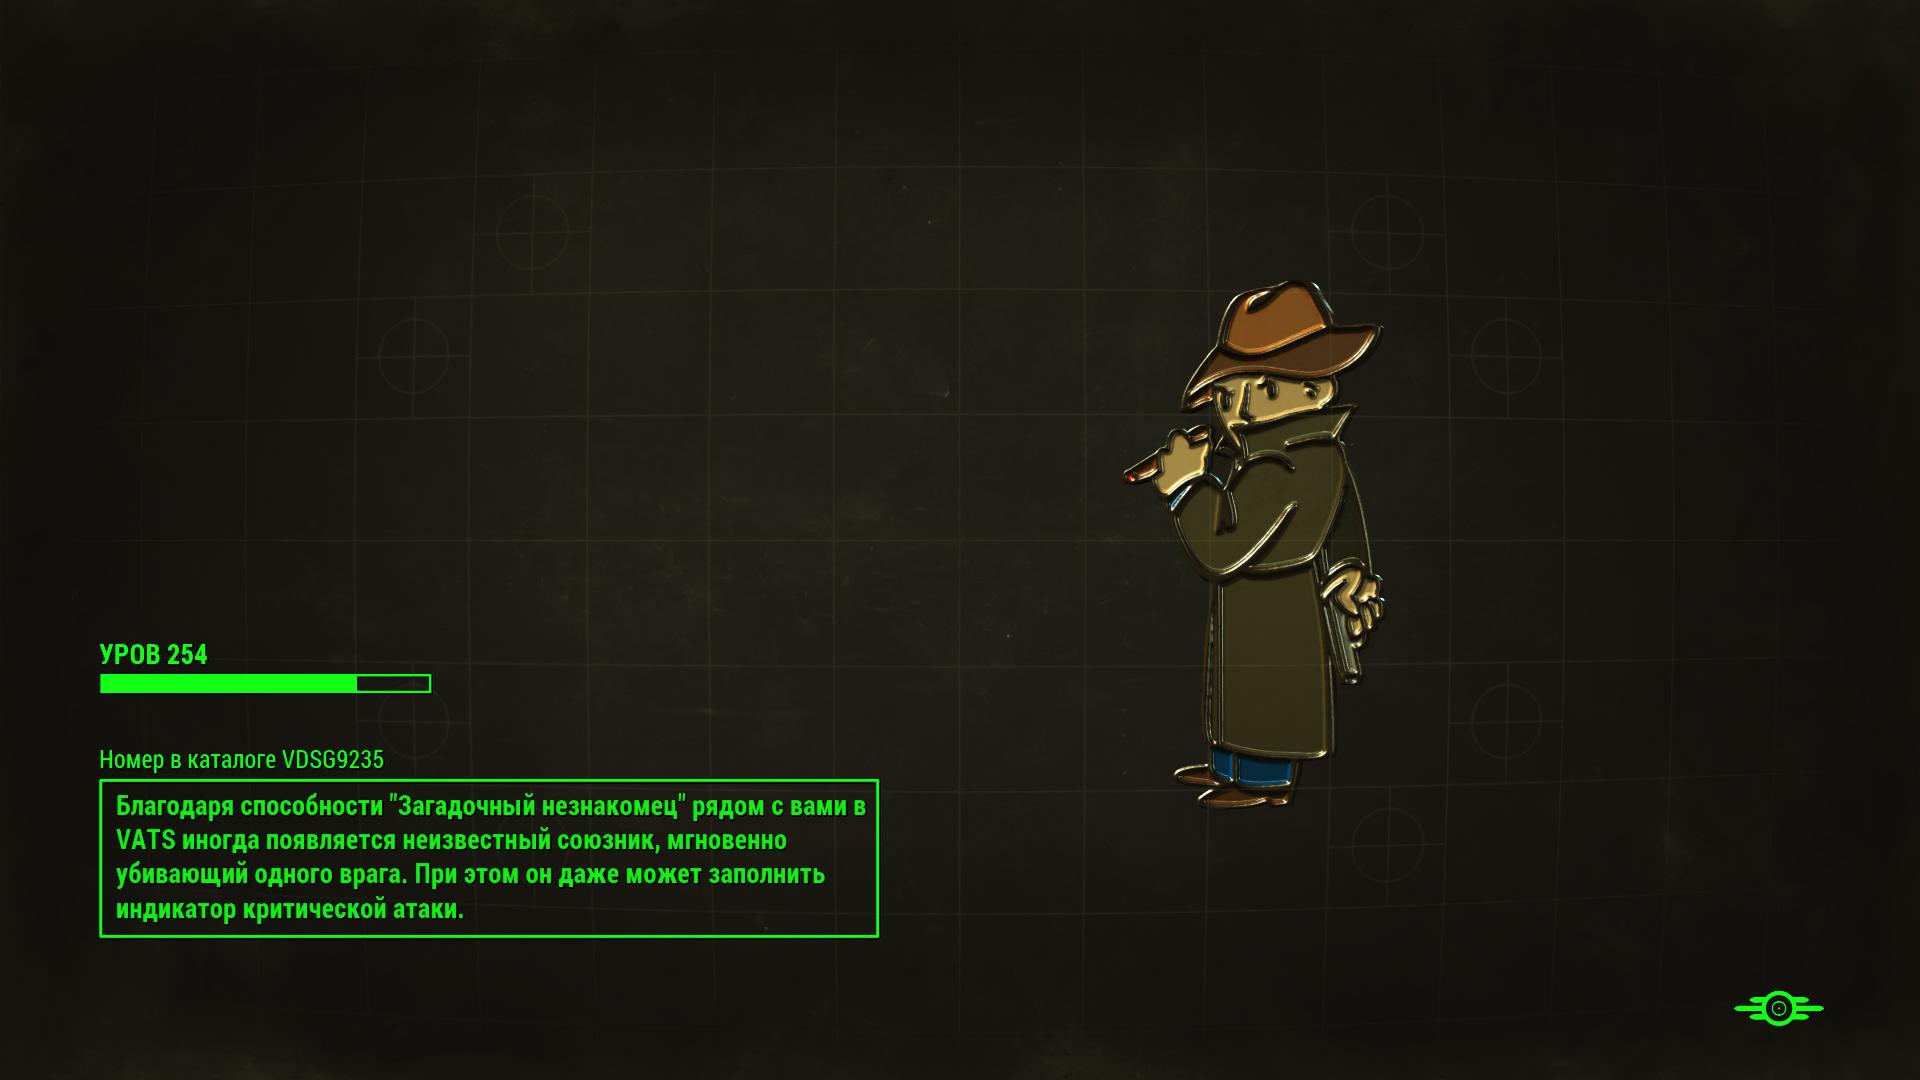 Загадочный незнакомец (способность)